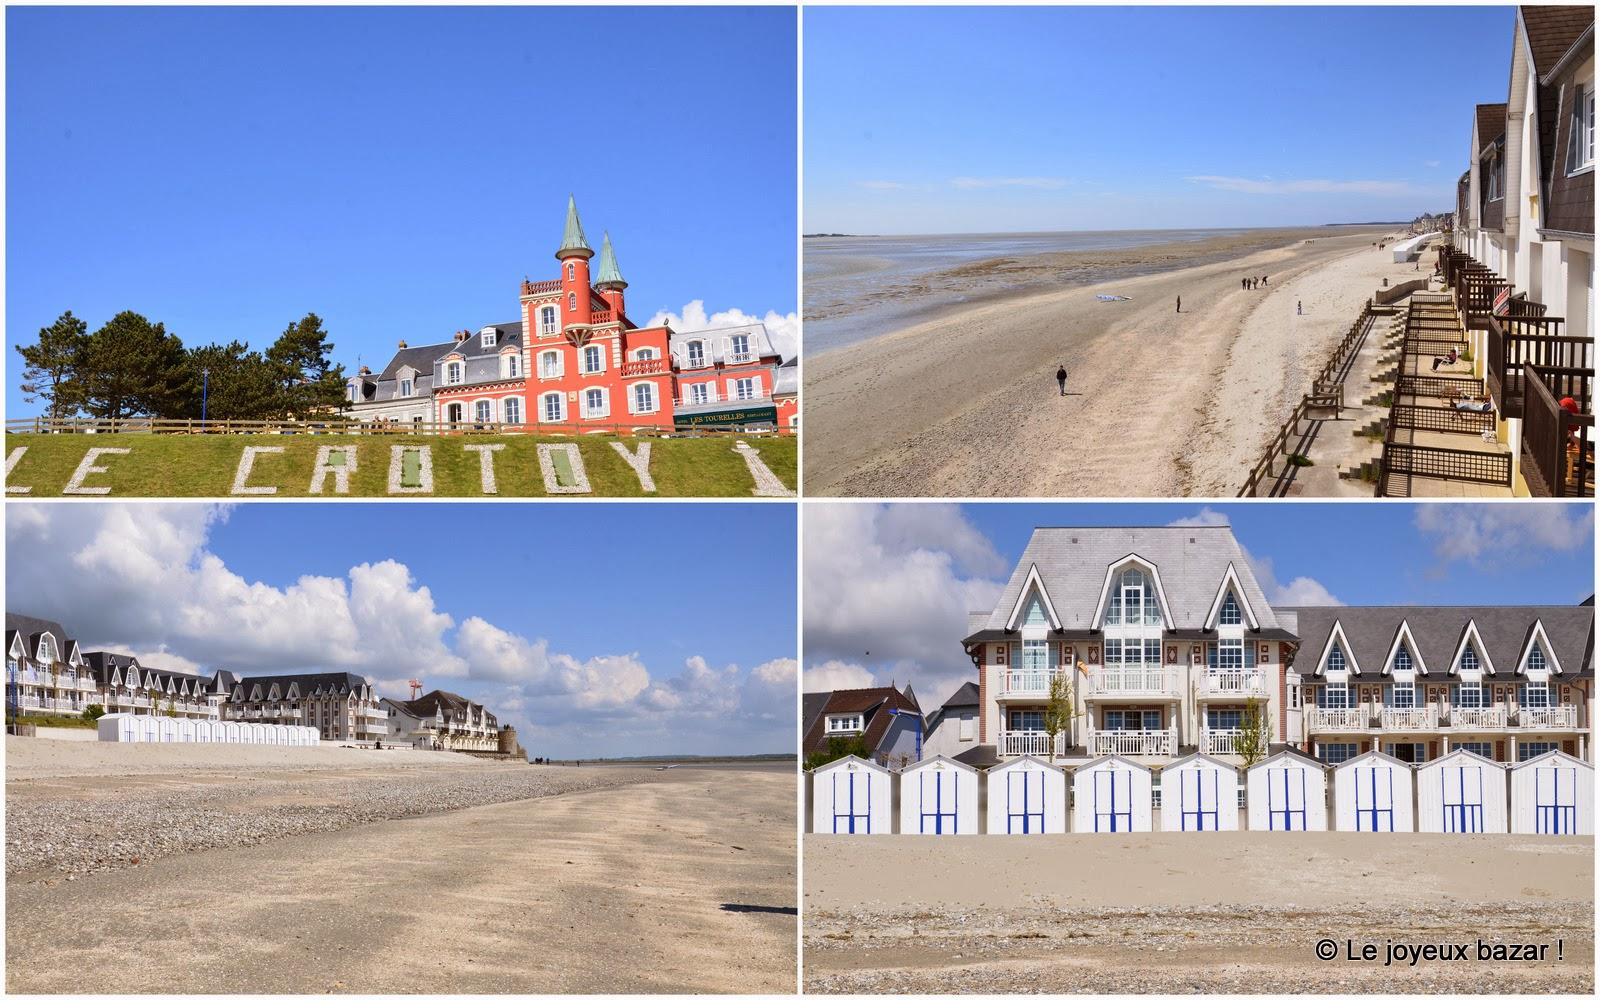 http://joyeuxbazar.blogspot.fr/2013/09/la-baie-de-somme-sous-le-soleil.html